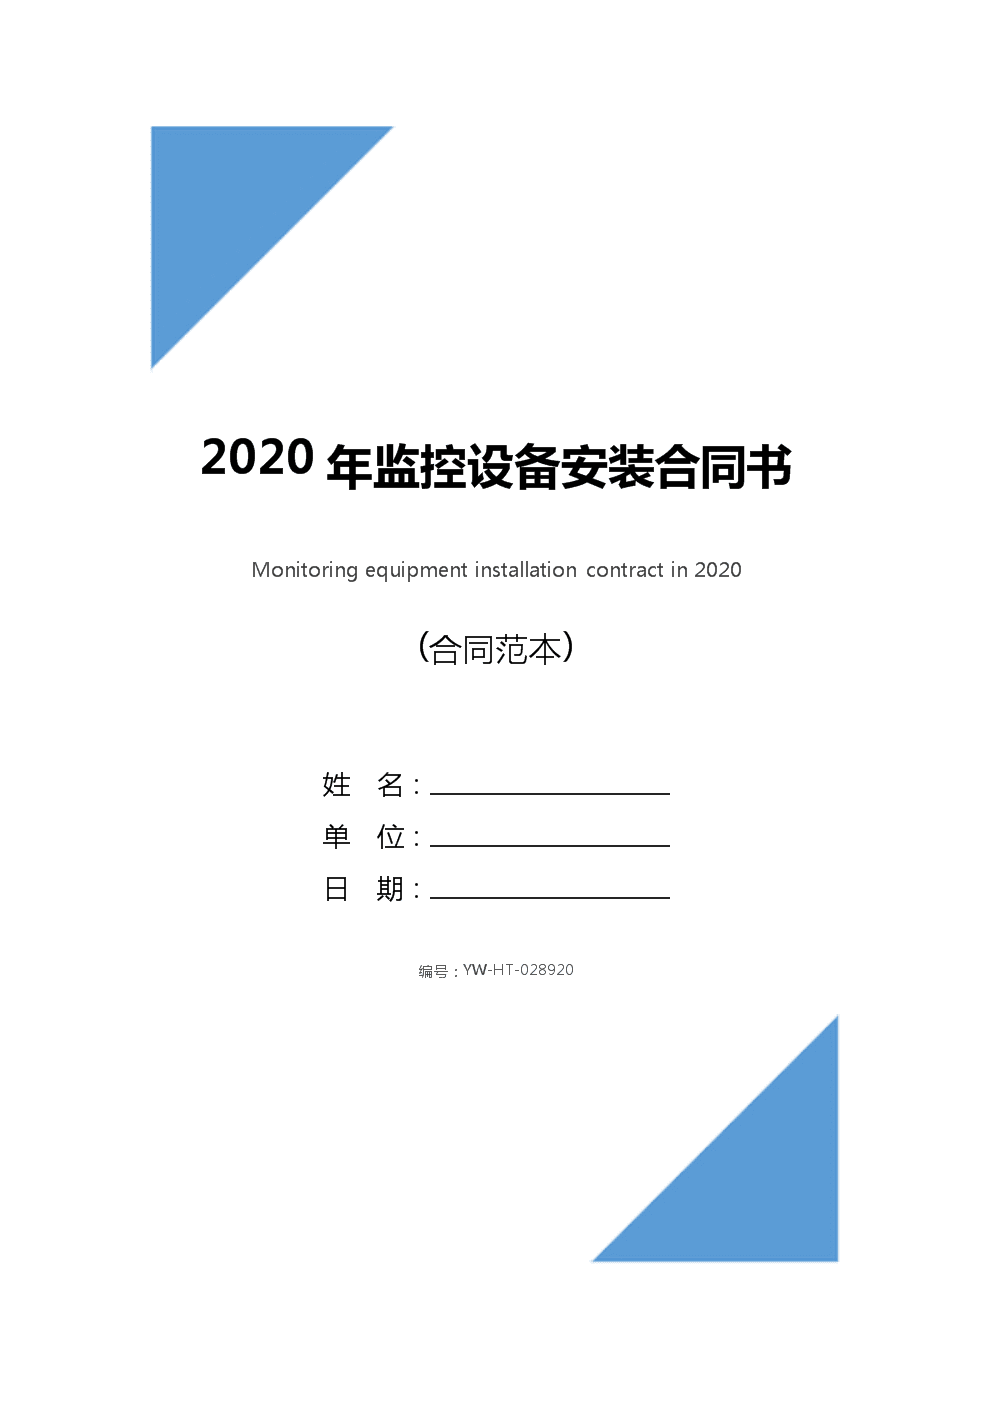 2020年监控设备安装合同书(合同示范文本).docx